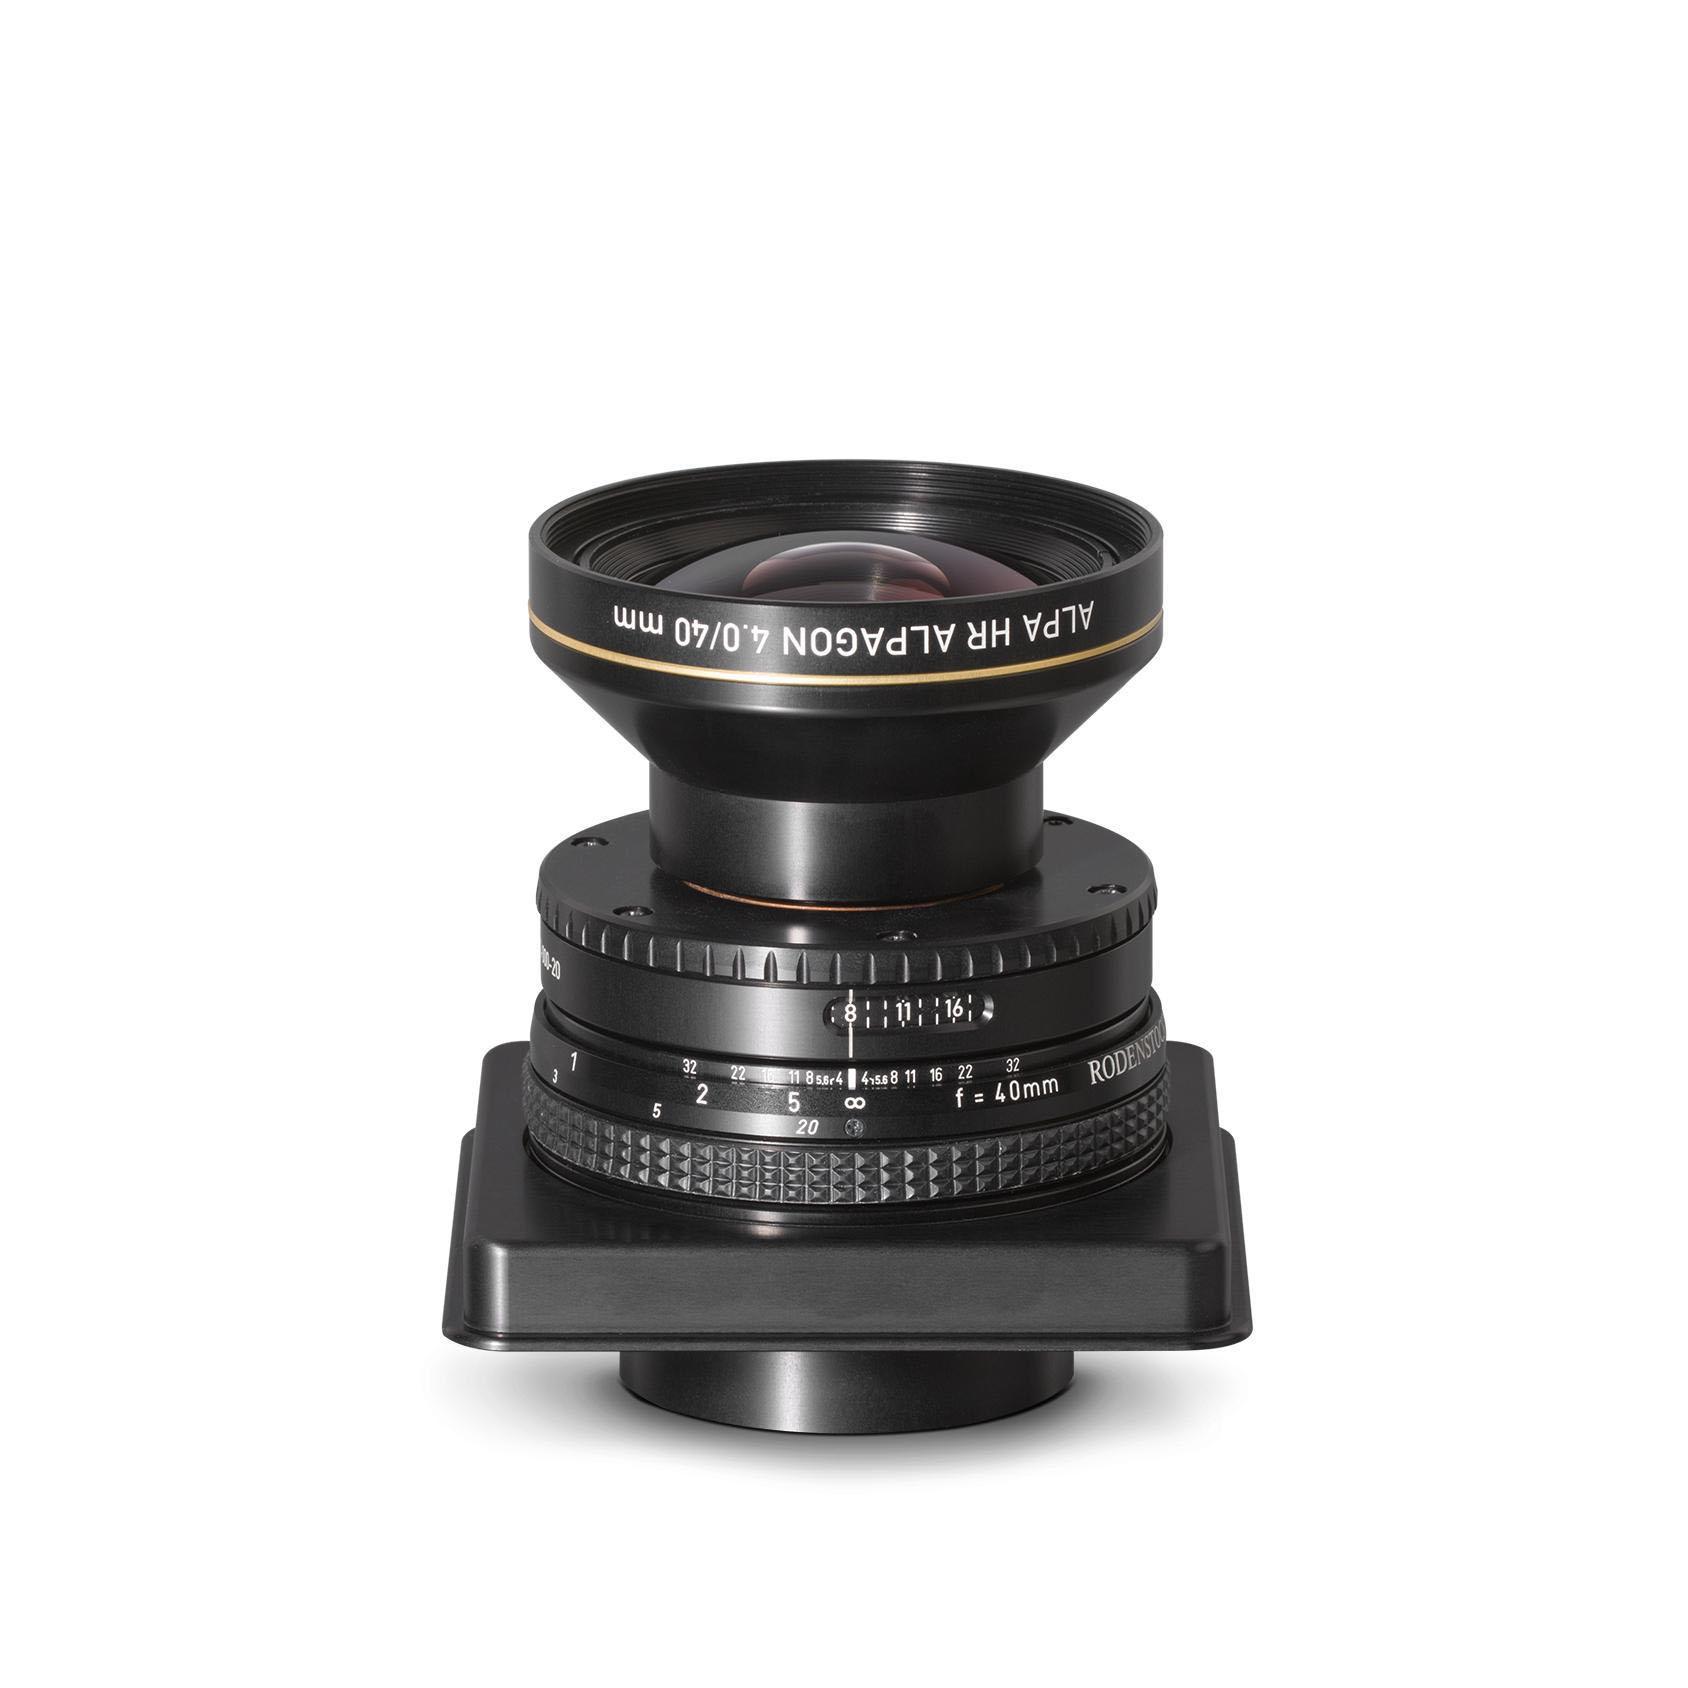 Rodenstock / ALPA HR Alpagon 4.0/40 mm, LB, in Aperture Unit